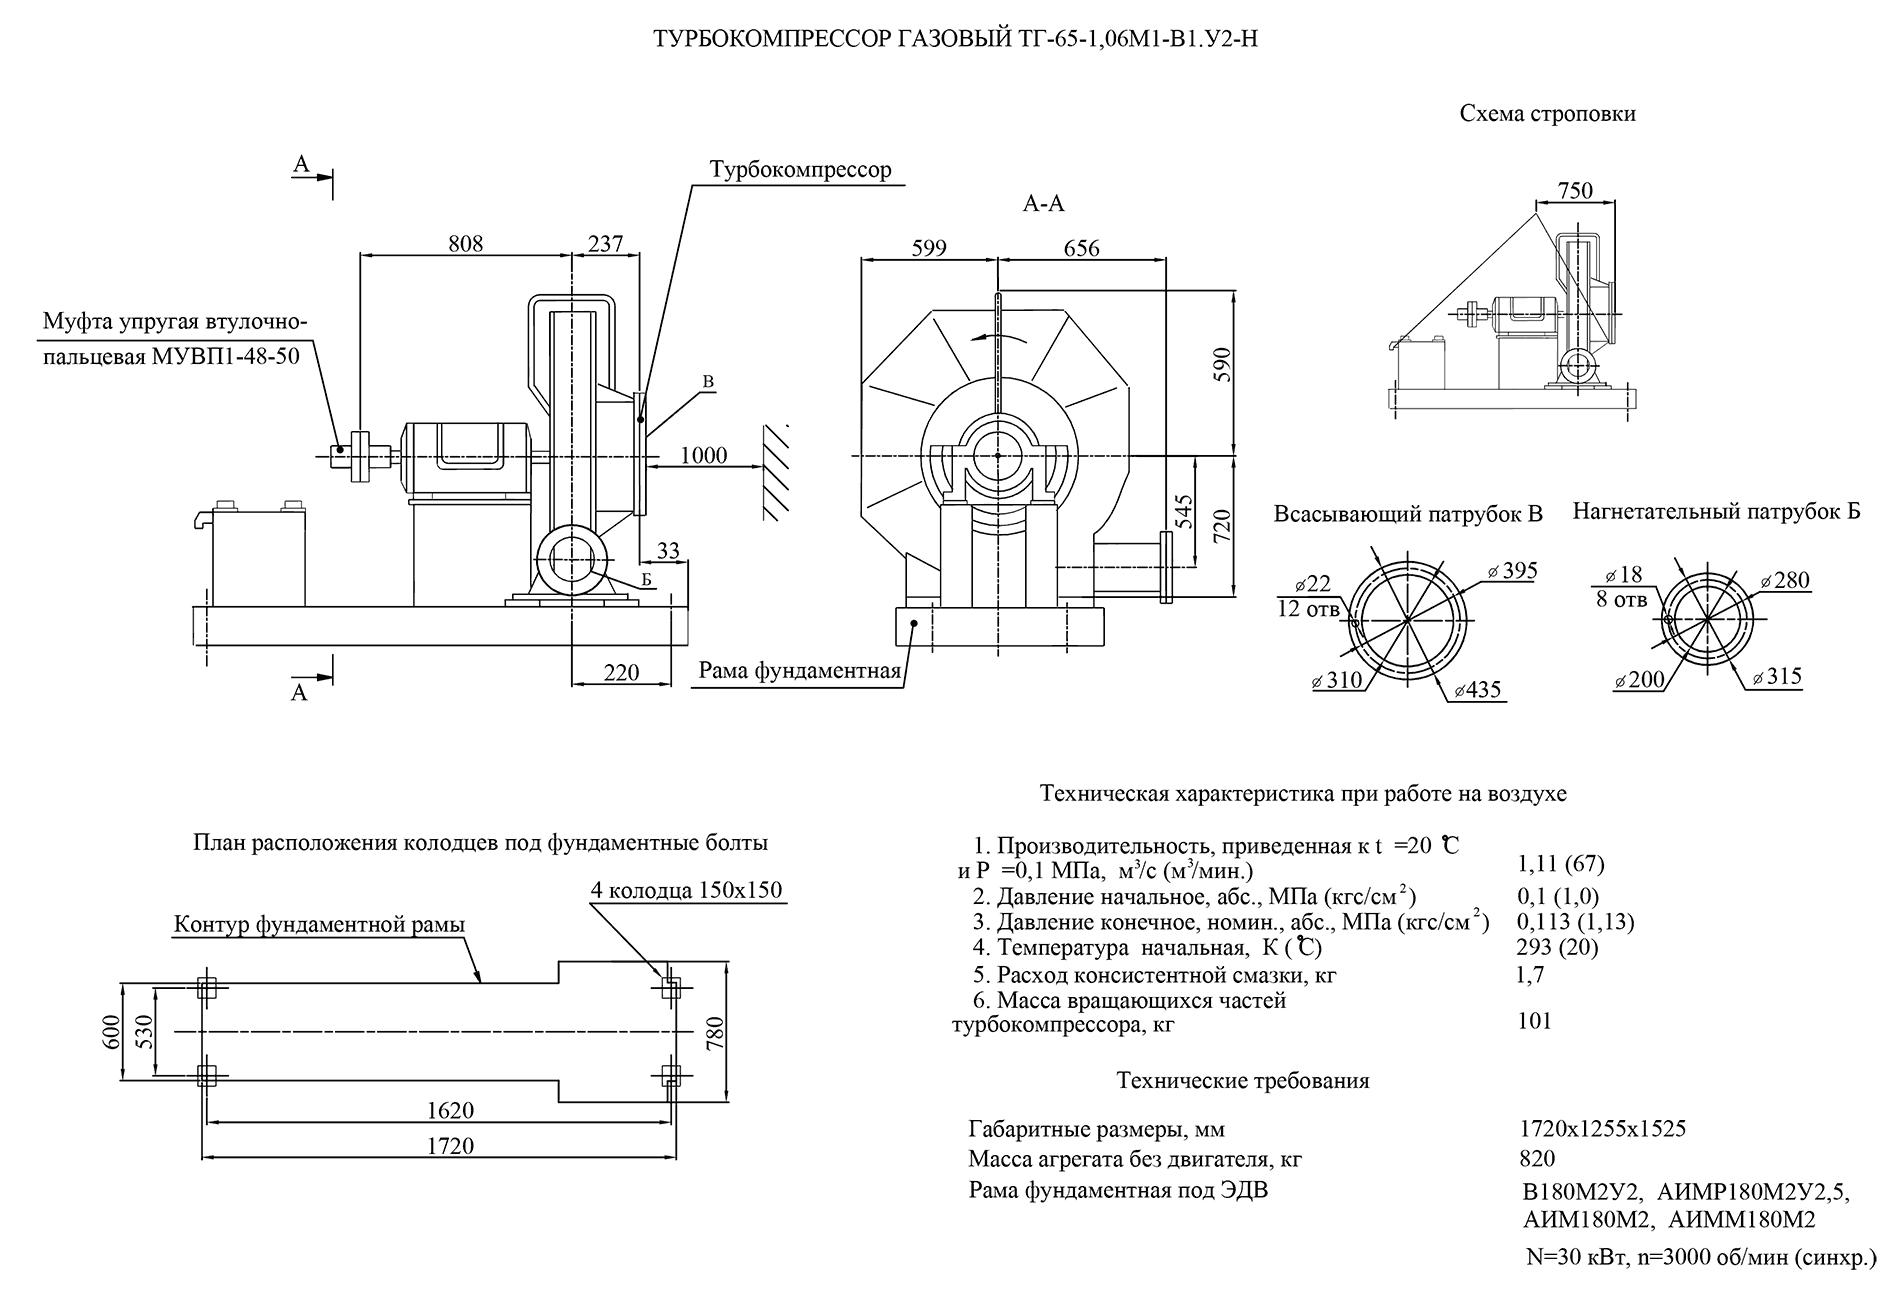 Техническое описание ТГ-65-1,06М1-В1